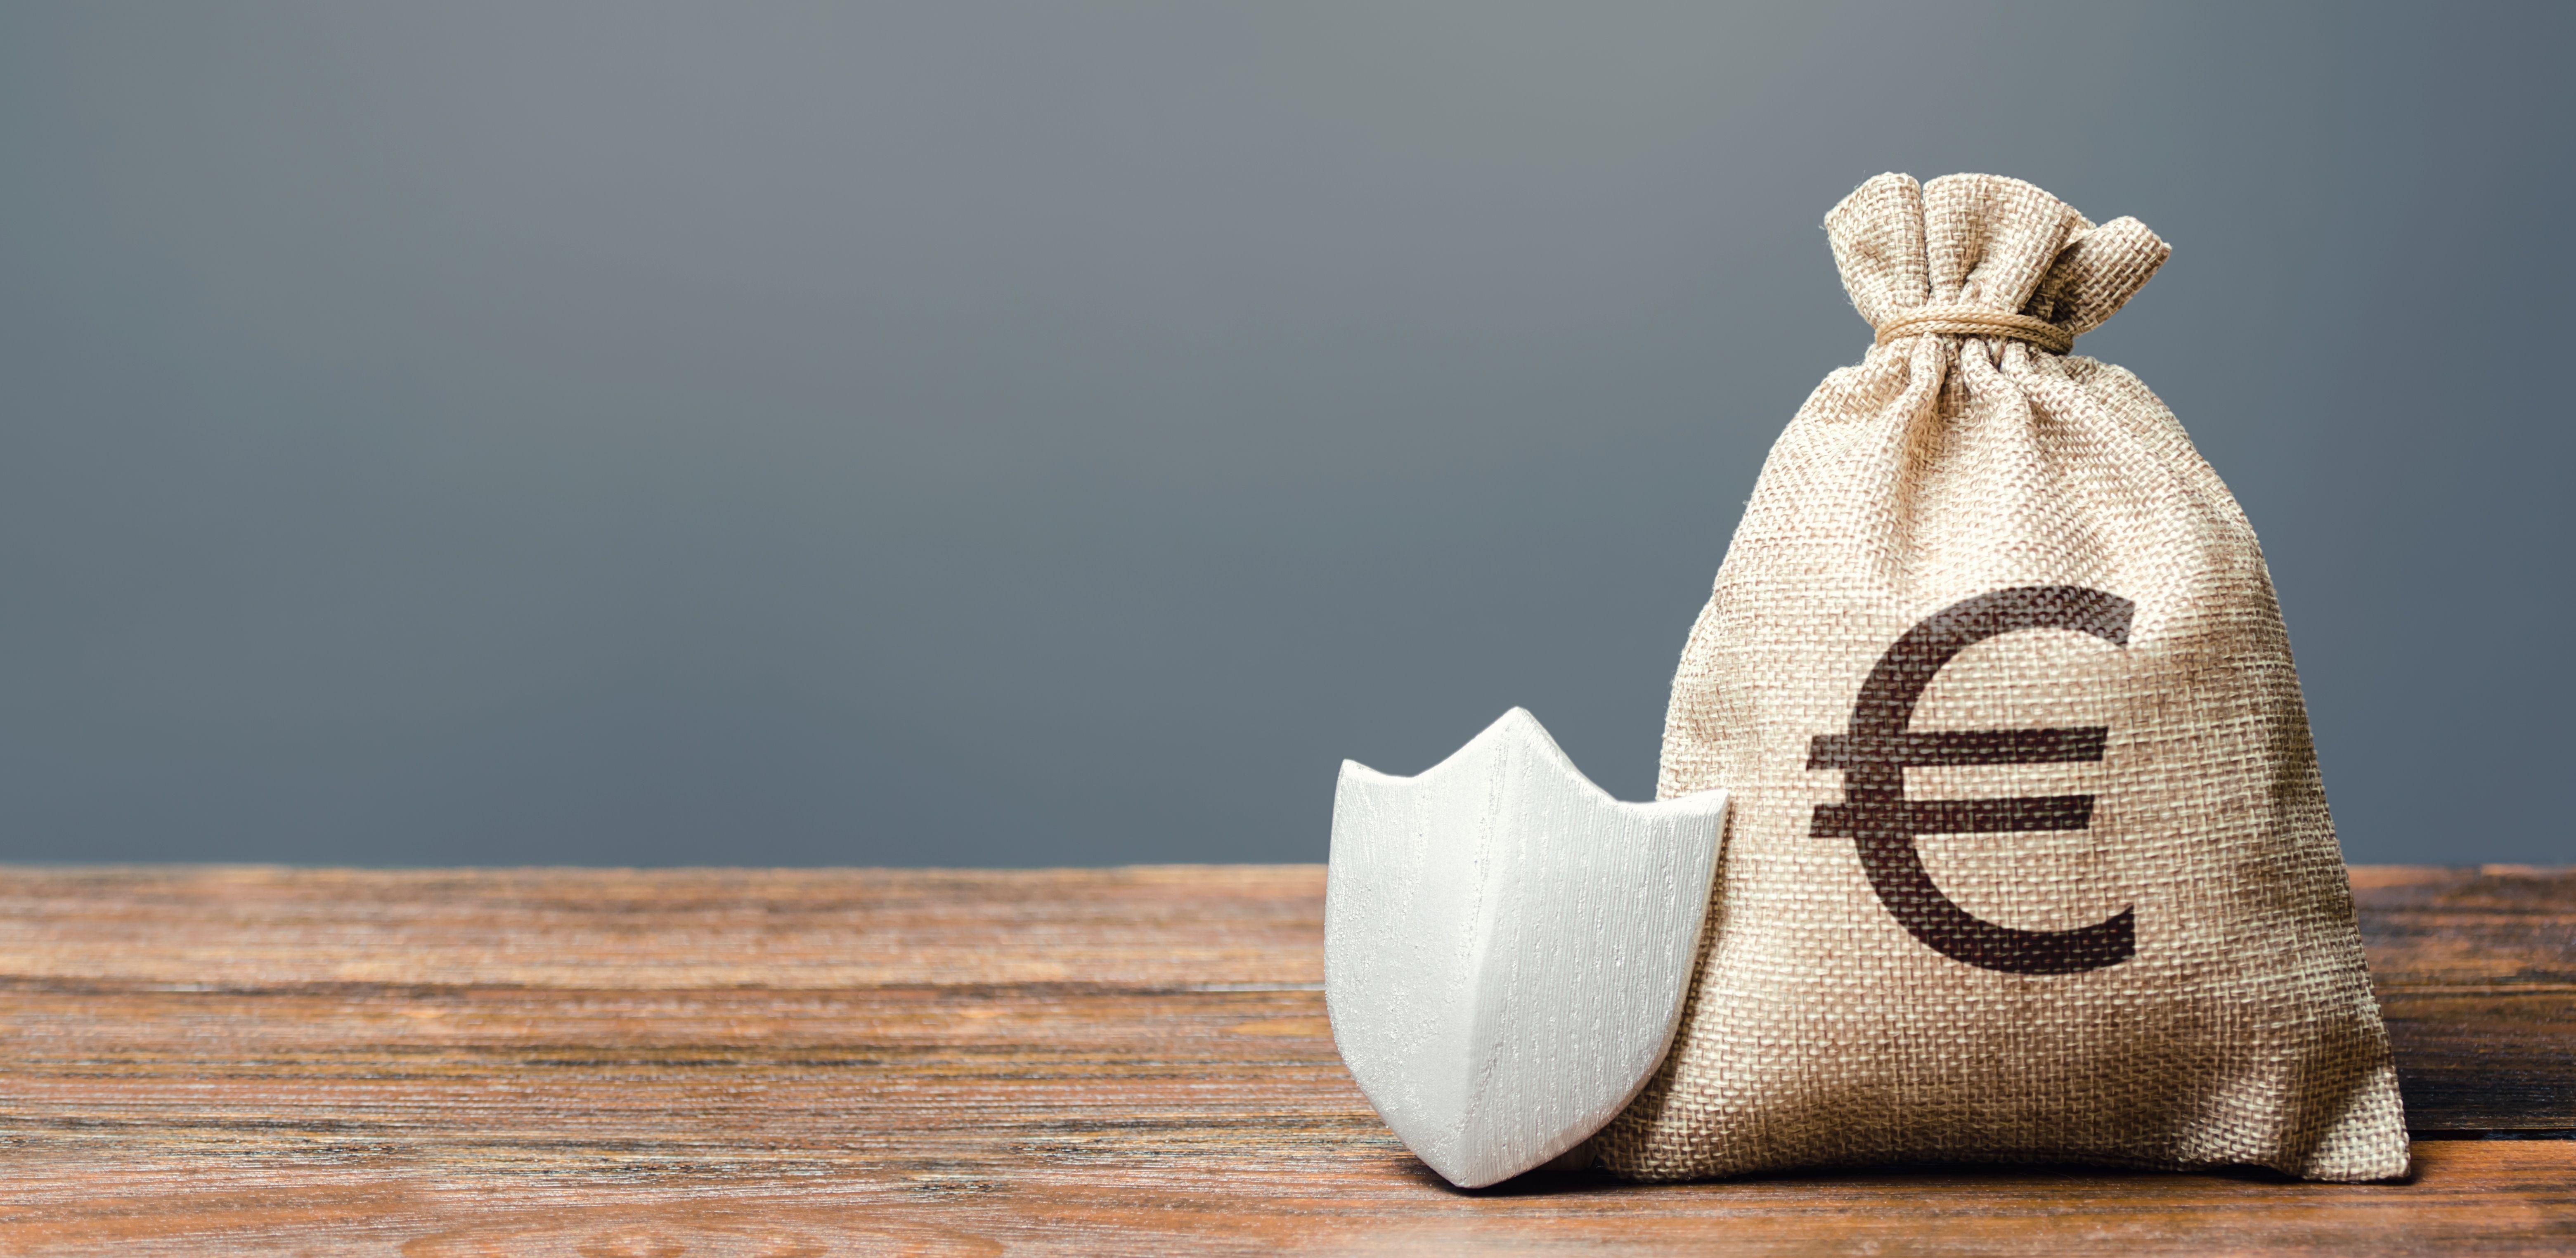 A guard beside a bag of money